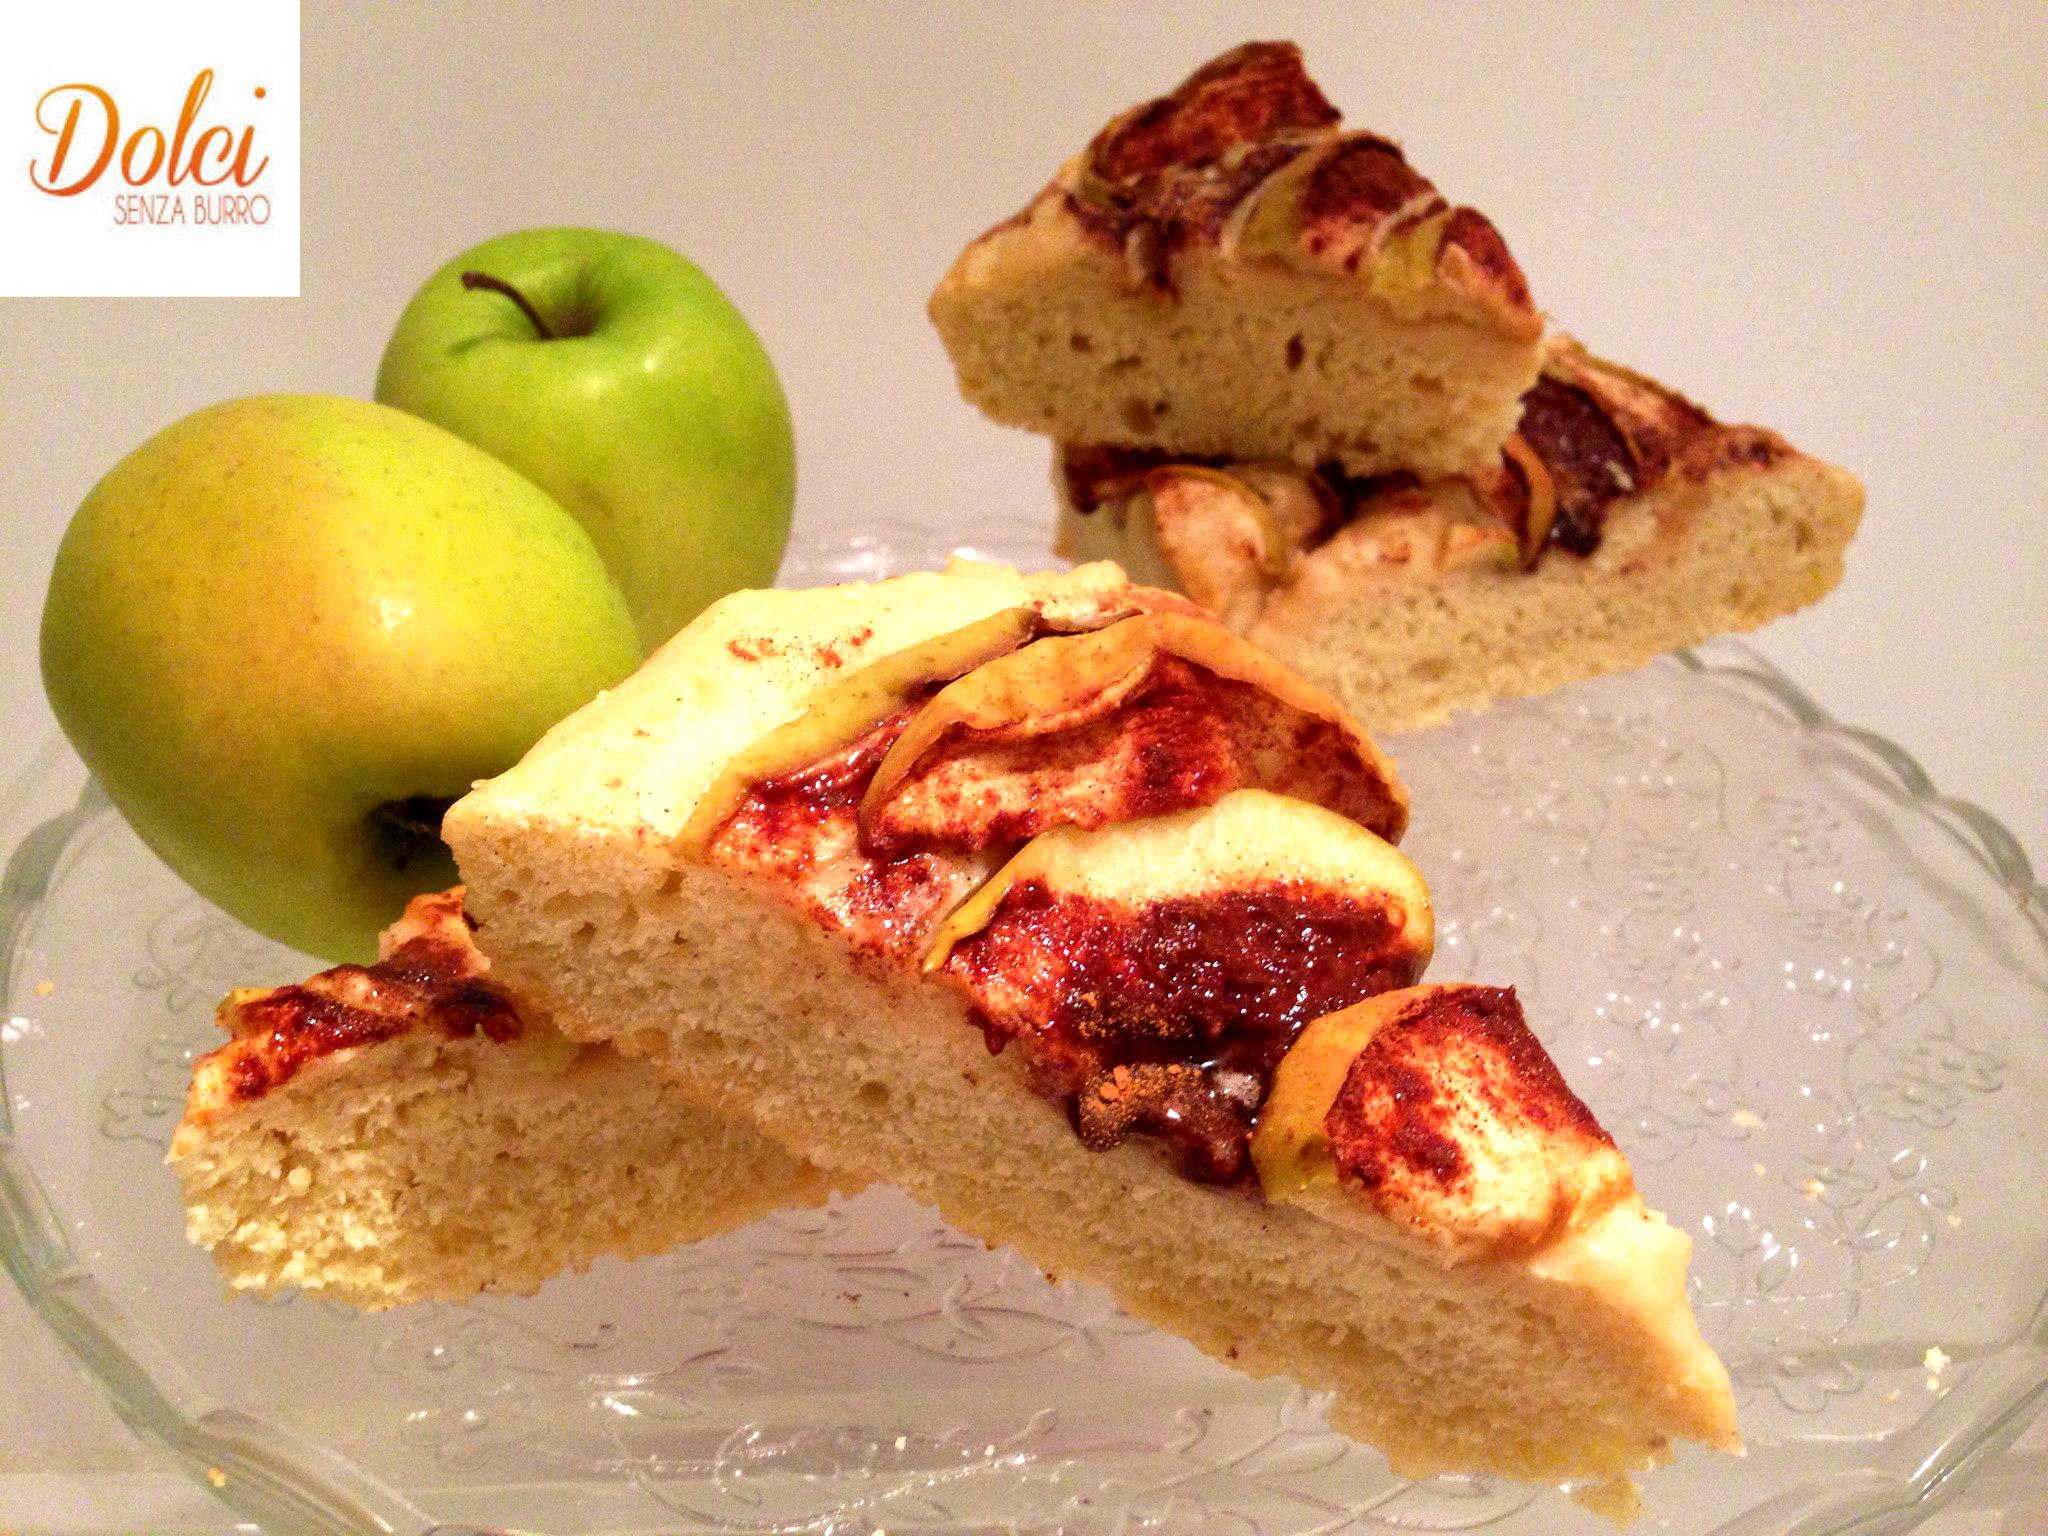 Focaccia dolce di mele al kamut senza burro, il dolce originale di dolci senza burro